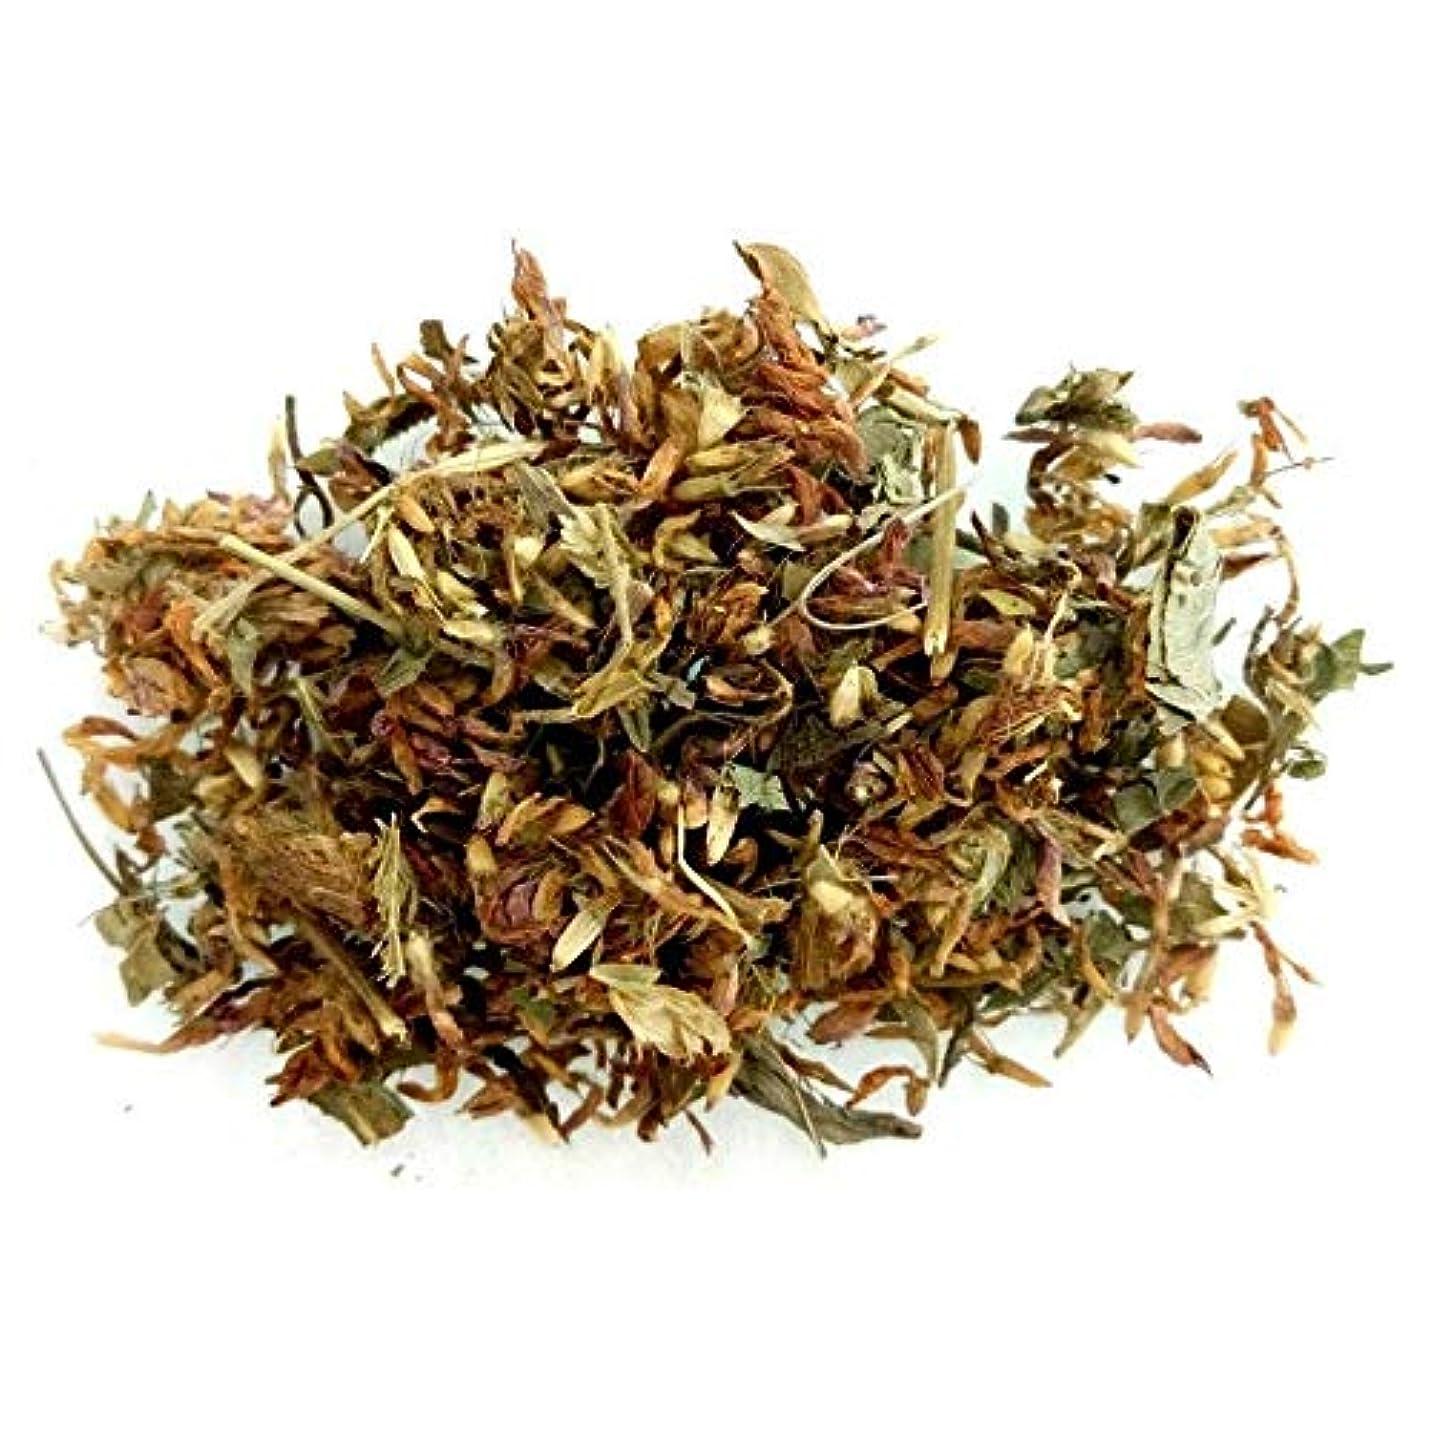 噛む収まる持ってる種子パッケージ:レッドクローバーの花-IncenseフレグランスMagikal Seedion儀式ウィッカパガン